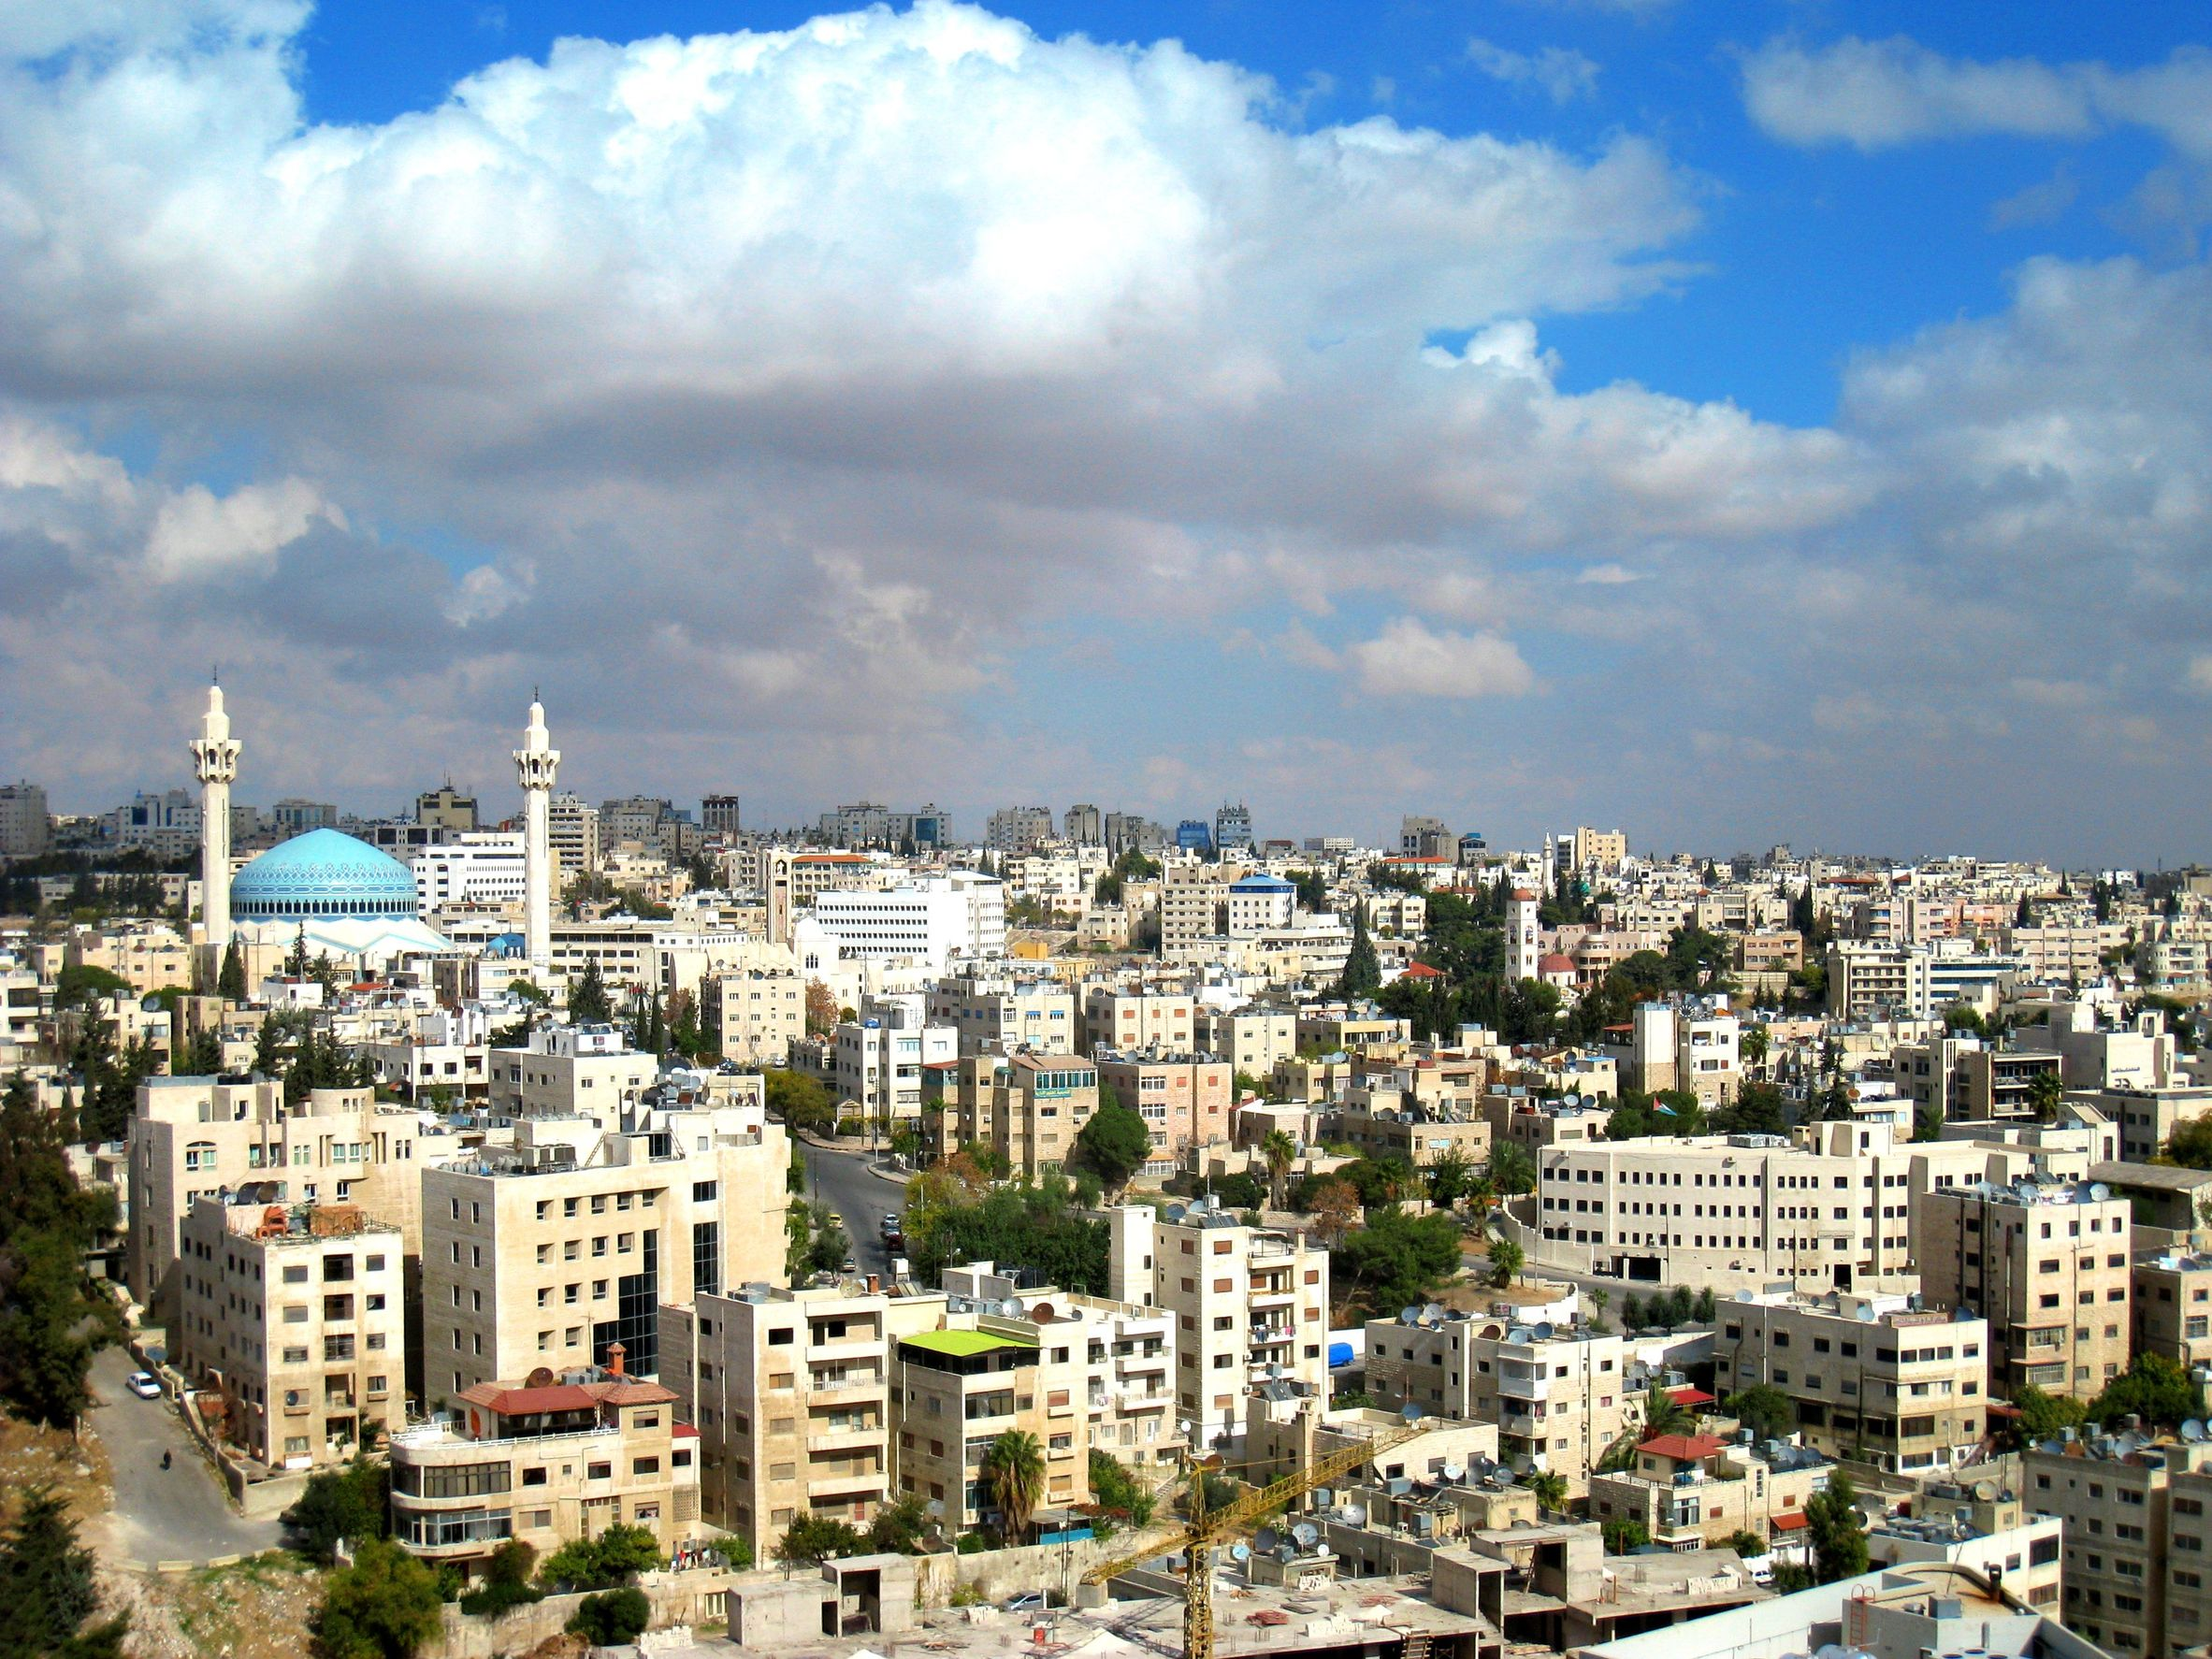 صور عمان الاردن , صور عمّان عاصمة الأردن , صور مدينتي الحبيبة